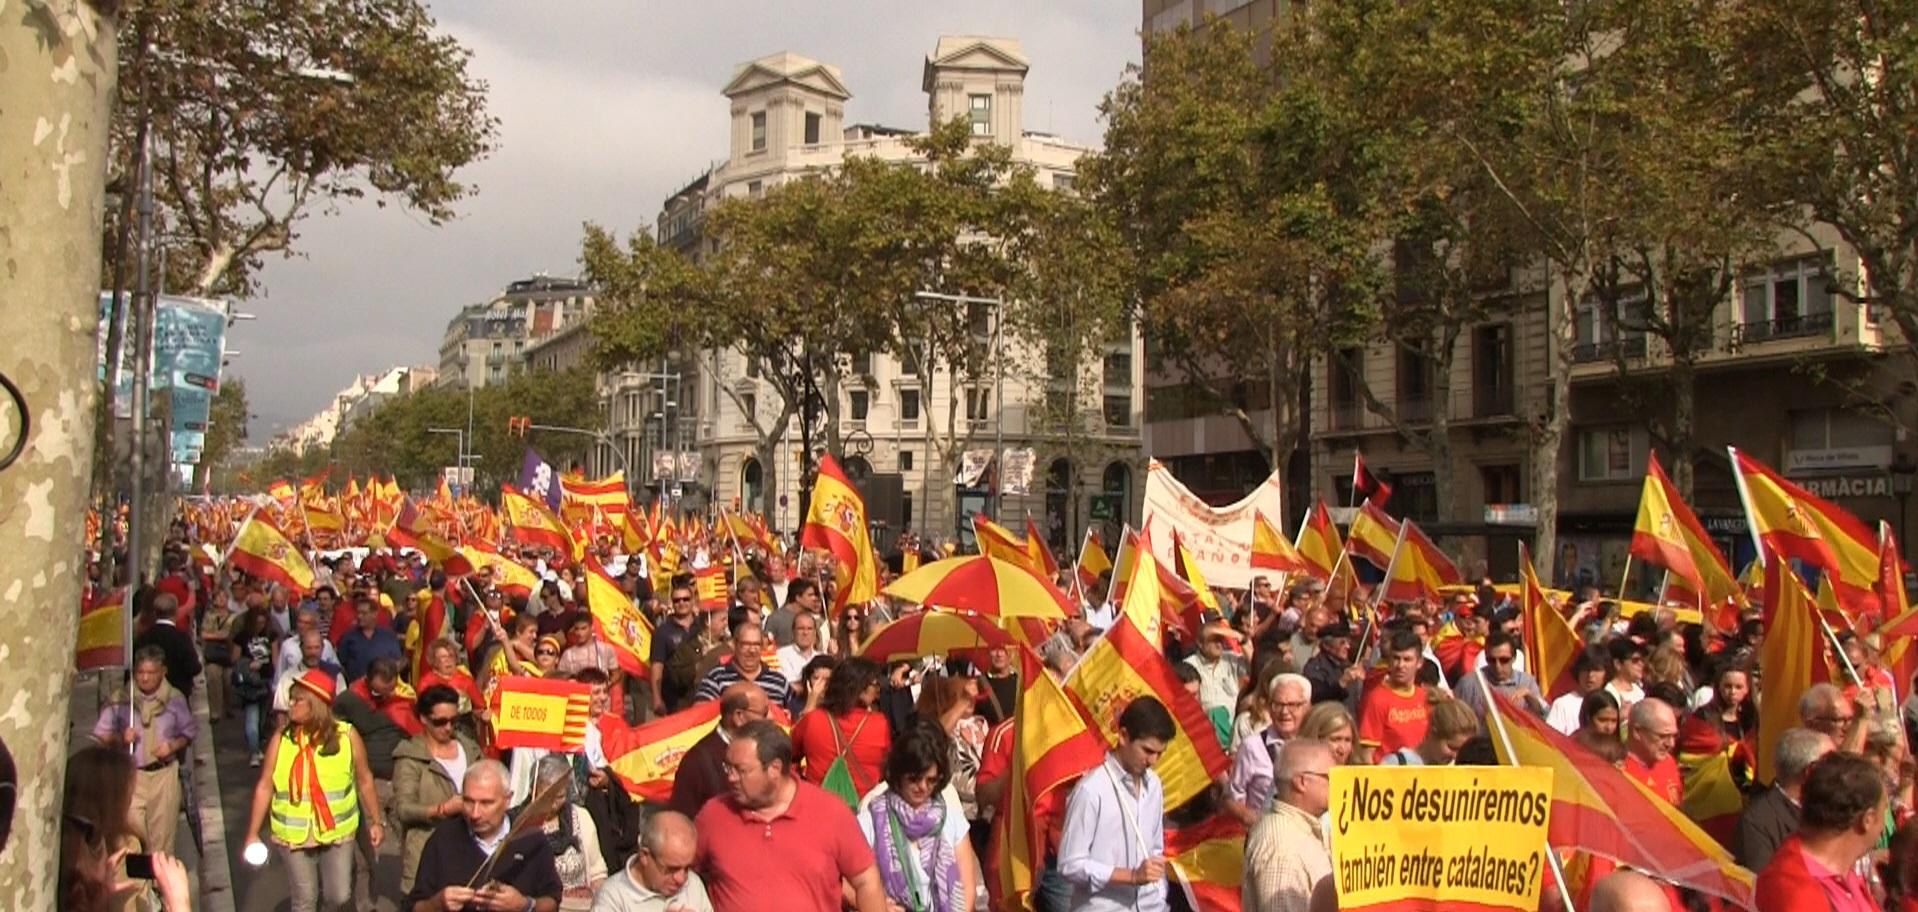 """España y Catalanes """"se suma a la concentración"""" del domingo 31 """"basta proceso"""" separatista"""